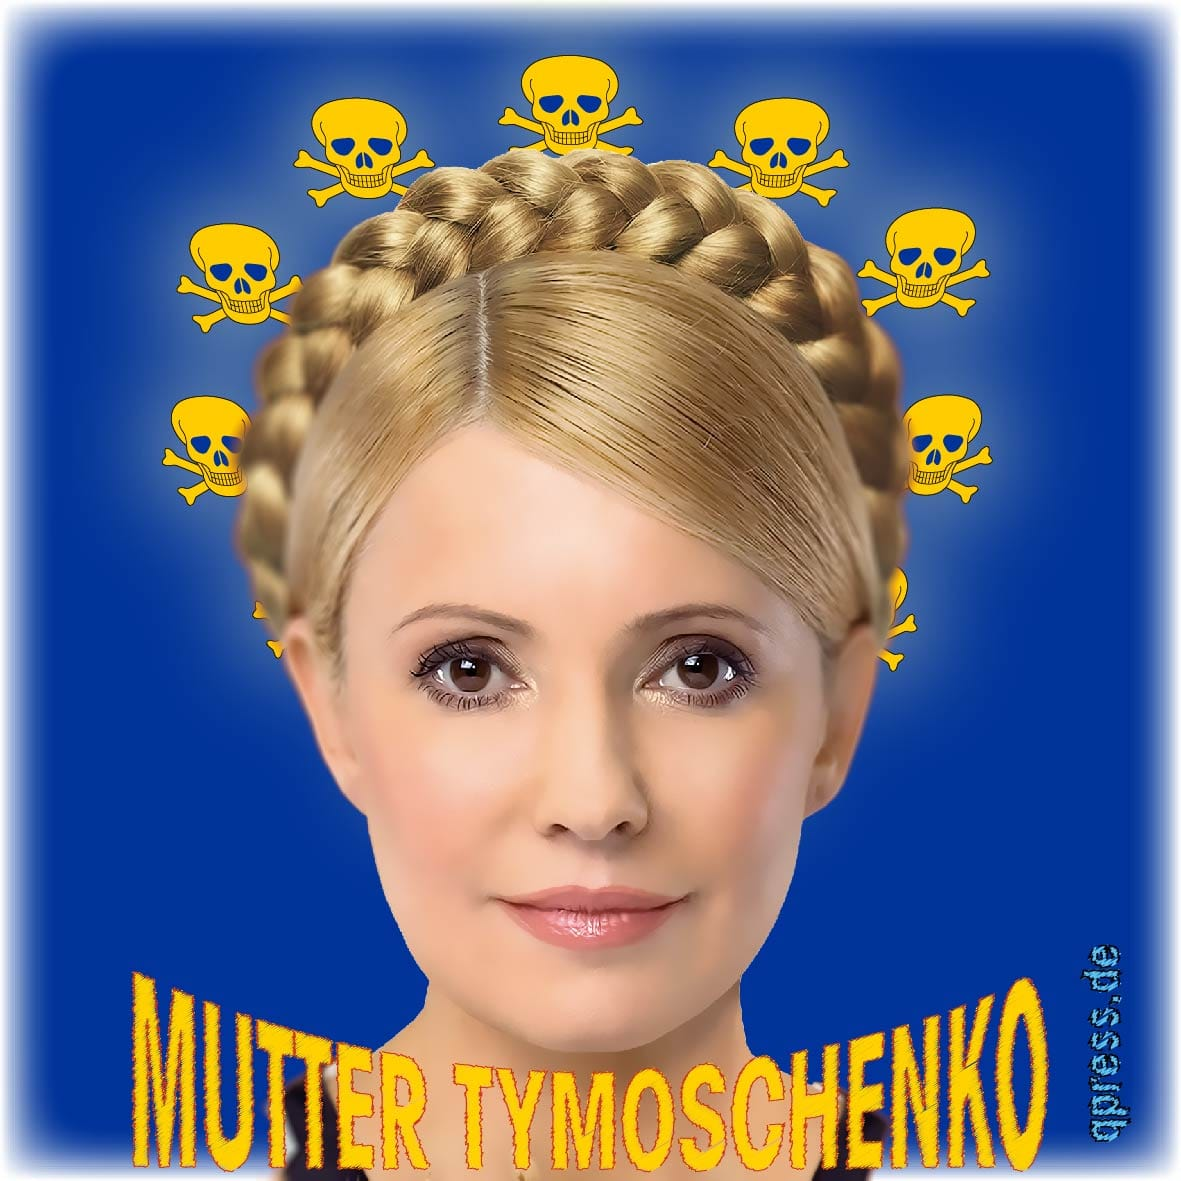 Es ist angerichtet: Klitschköstliches aus der Confi(e)serie West Julija Tymoschenko next EU Mum Mutter der EU-Volution-neues missbrauchtes Heldentum Ukraine qpress